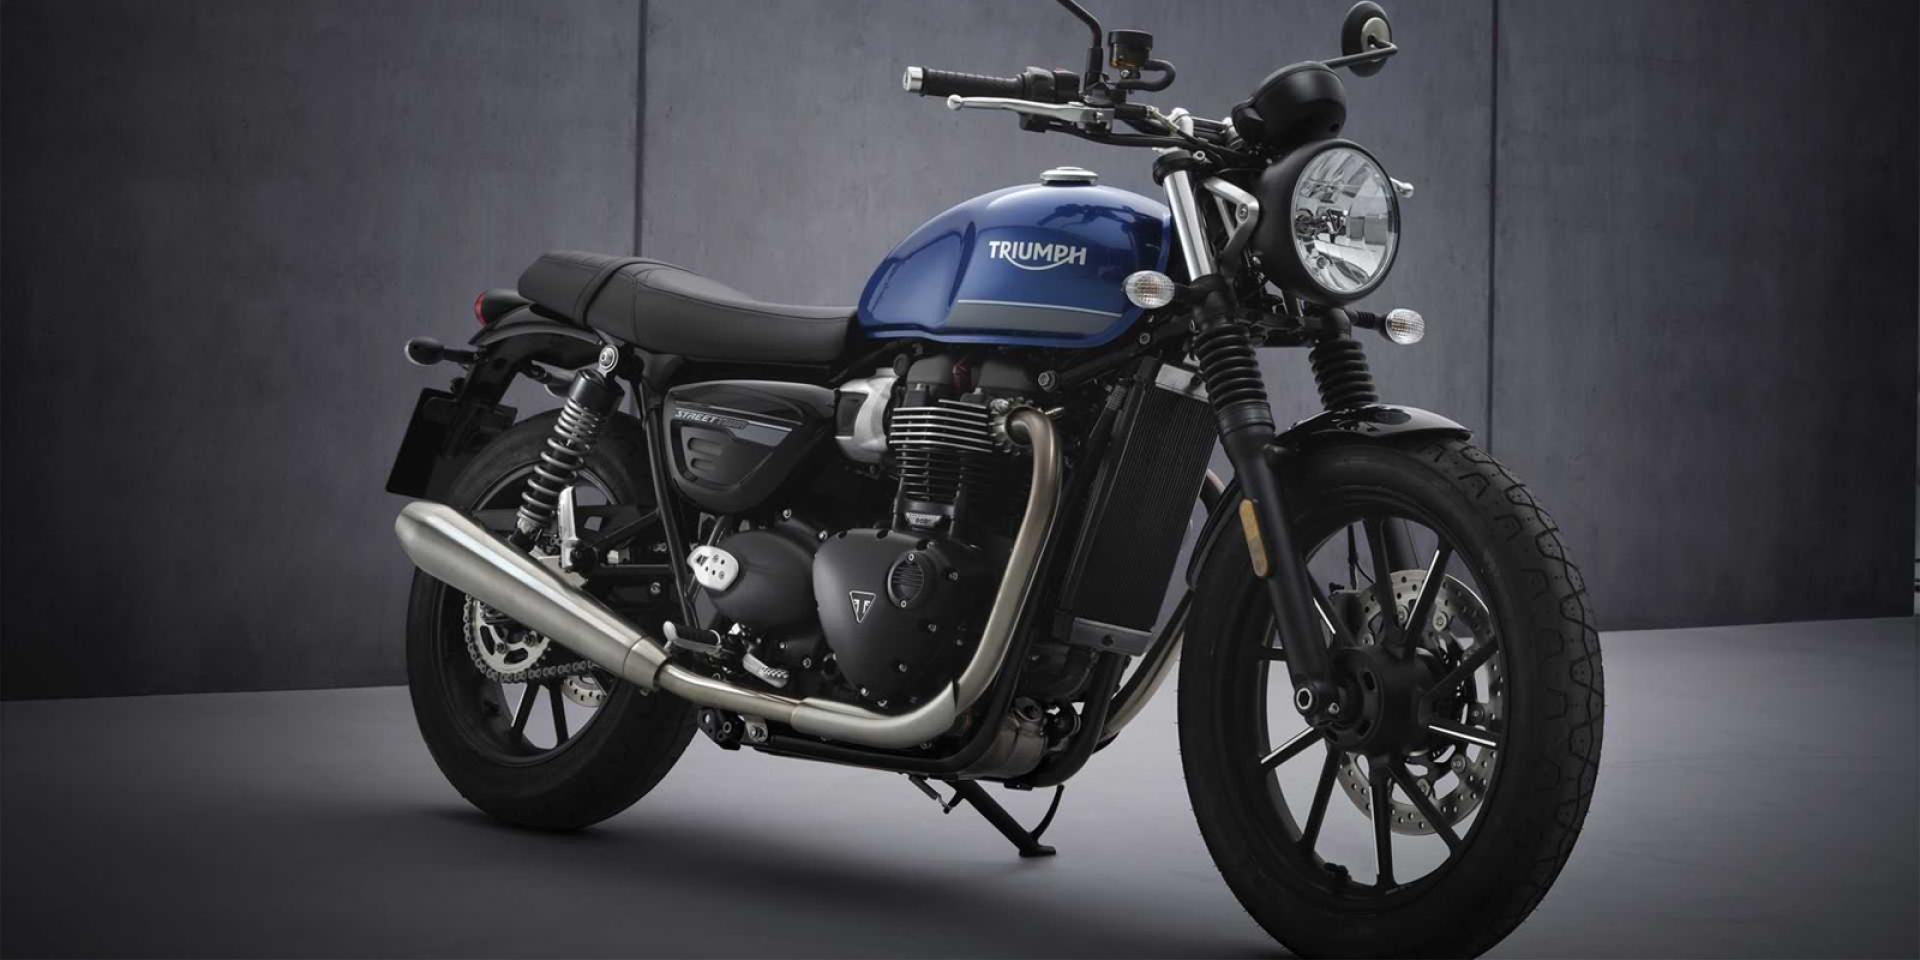 小排量TRIUMPH謠言再起,有望搭載Bajaj全新250氣冷單缸引擎!